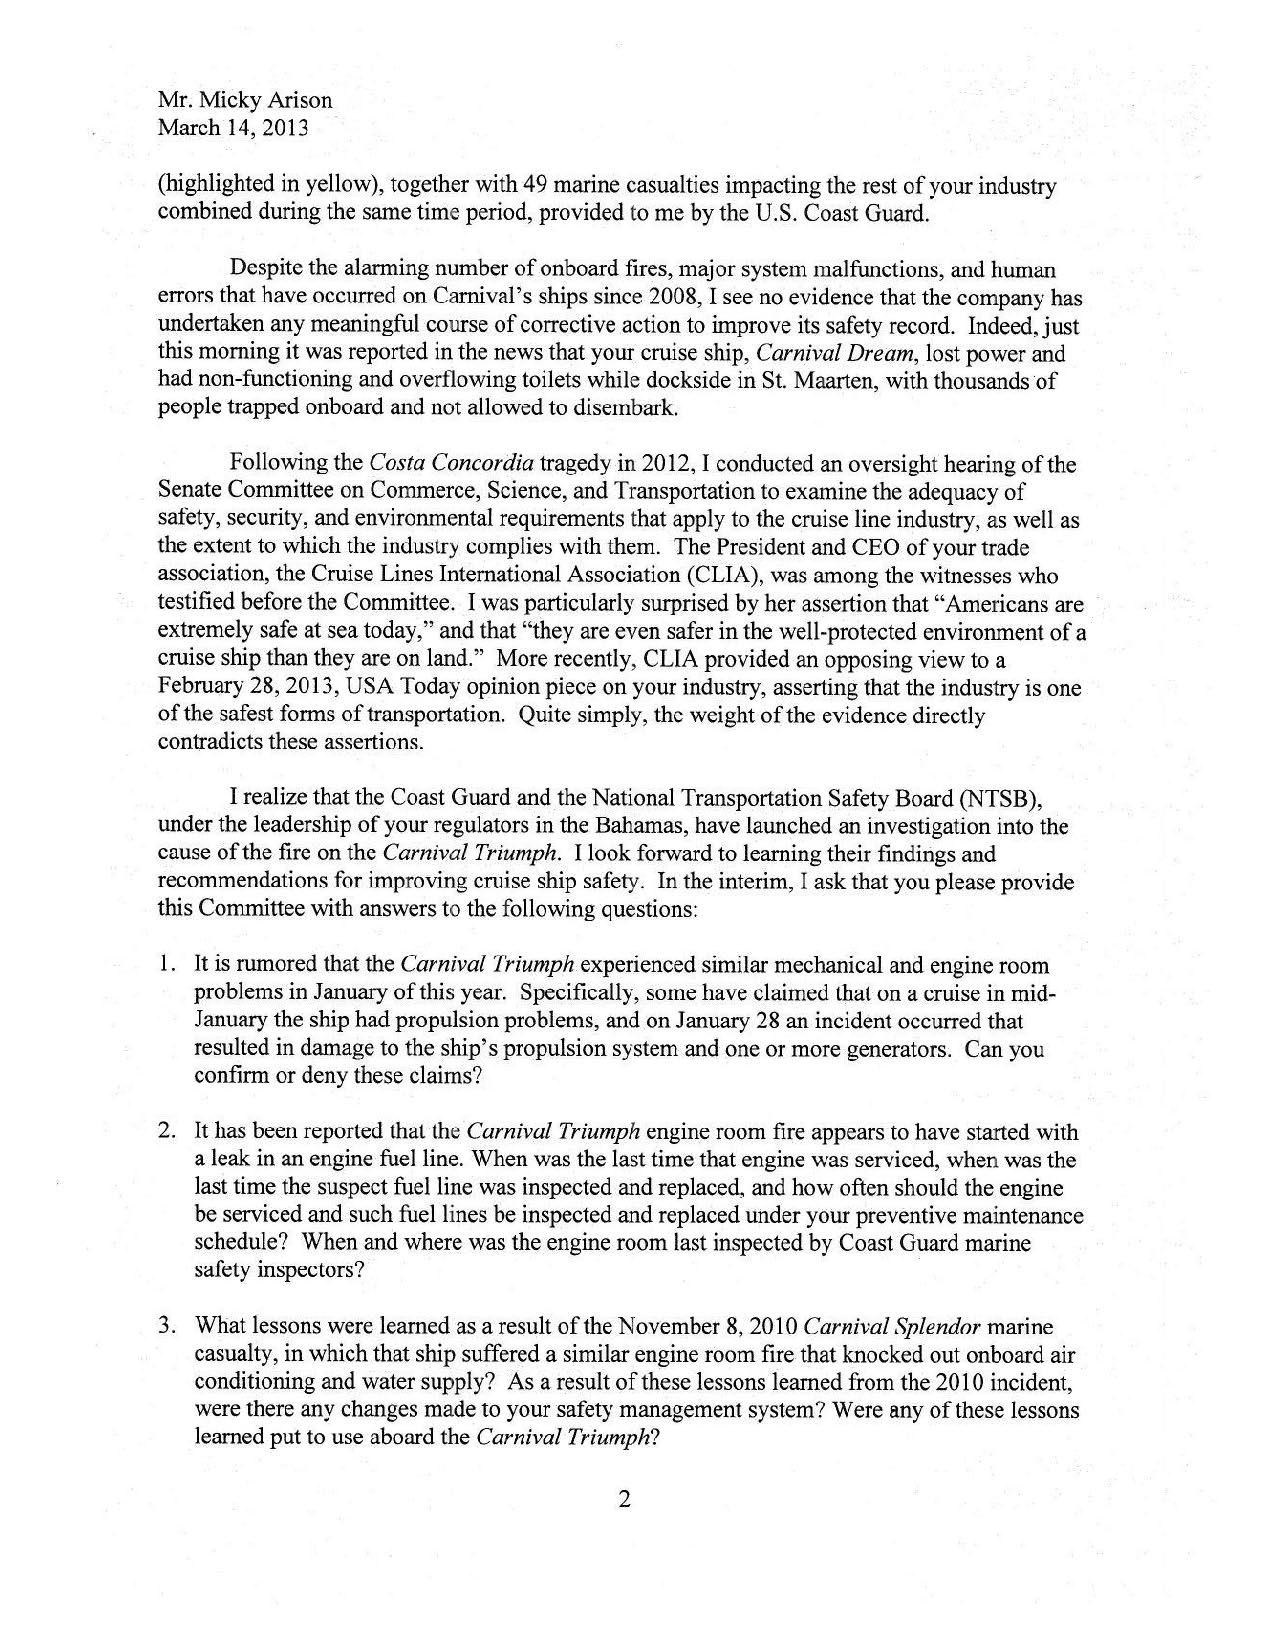 Letter to Carnival Micky Arison from Senator John Rockefeller IV_Page_2.jpg